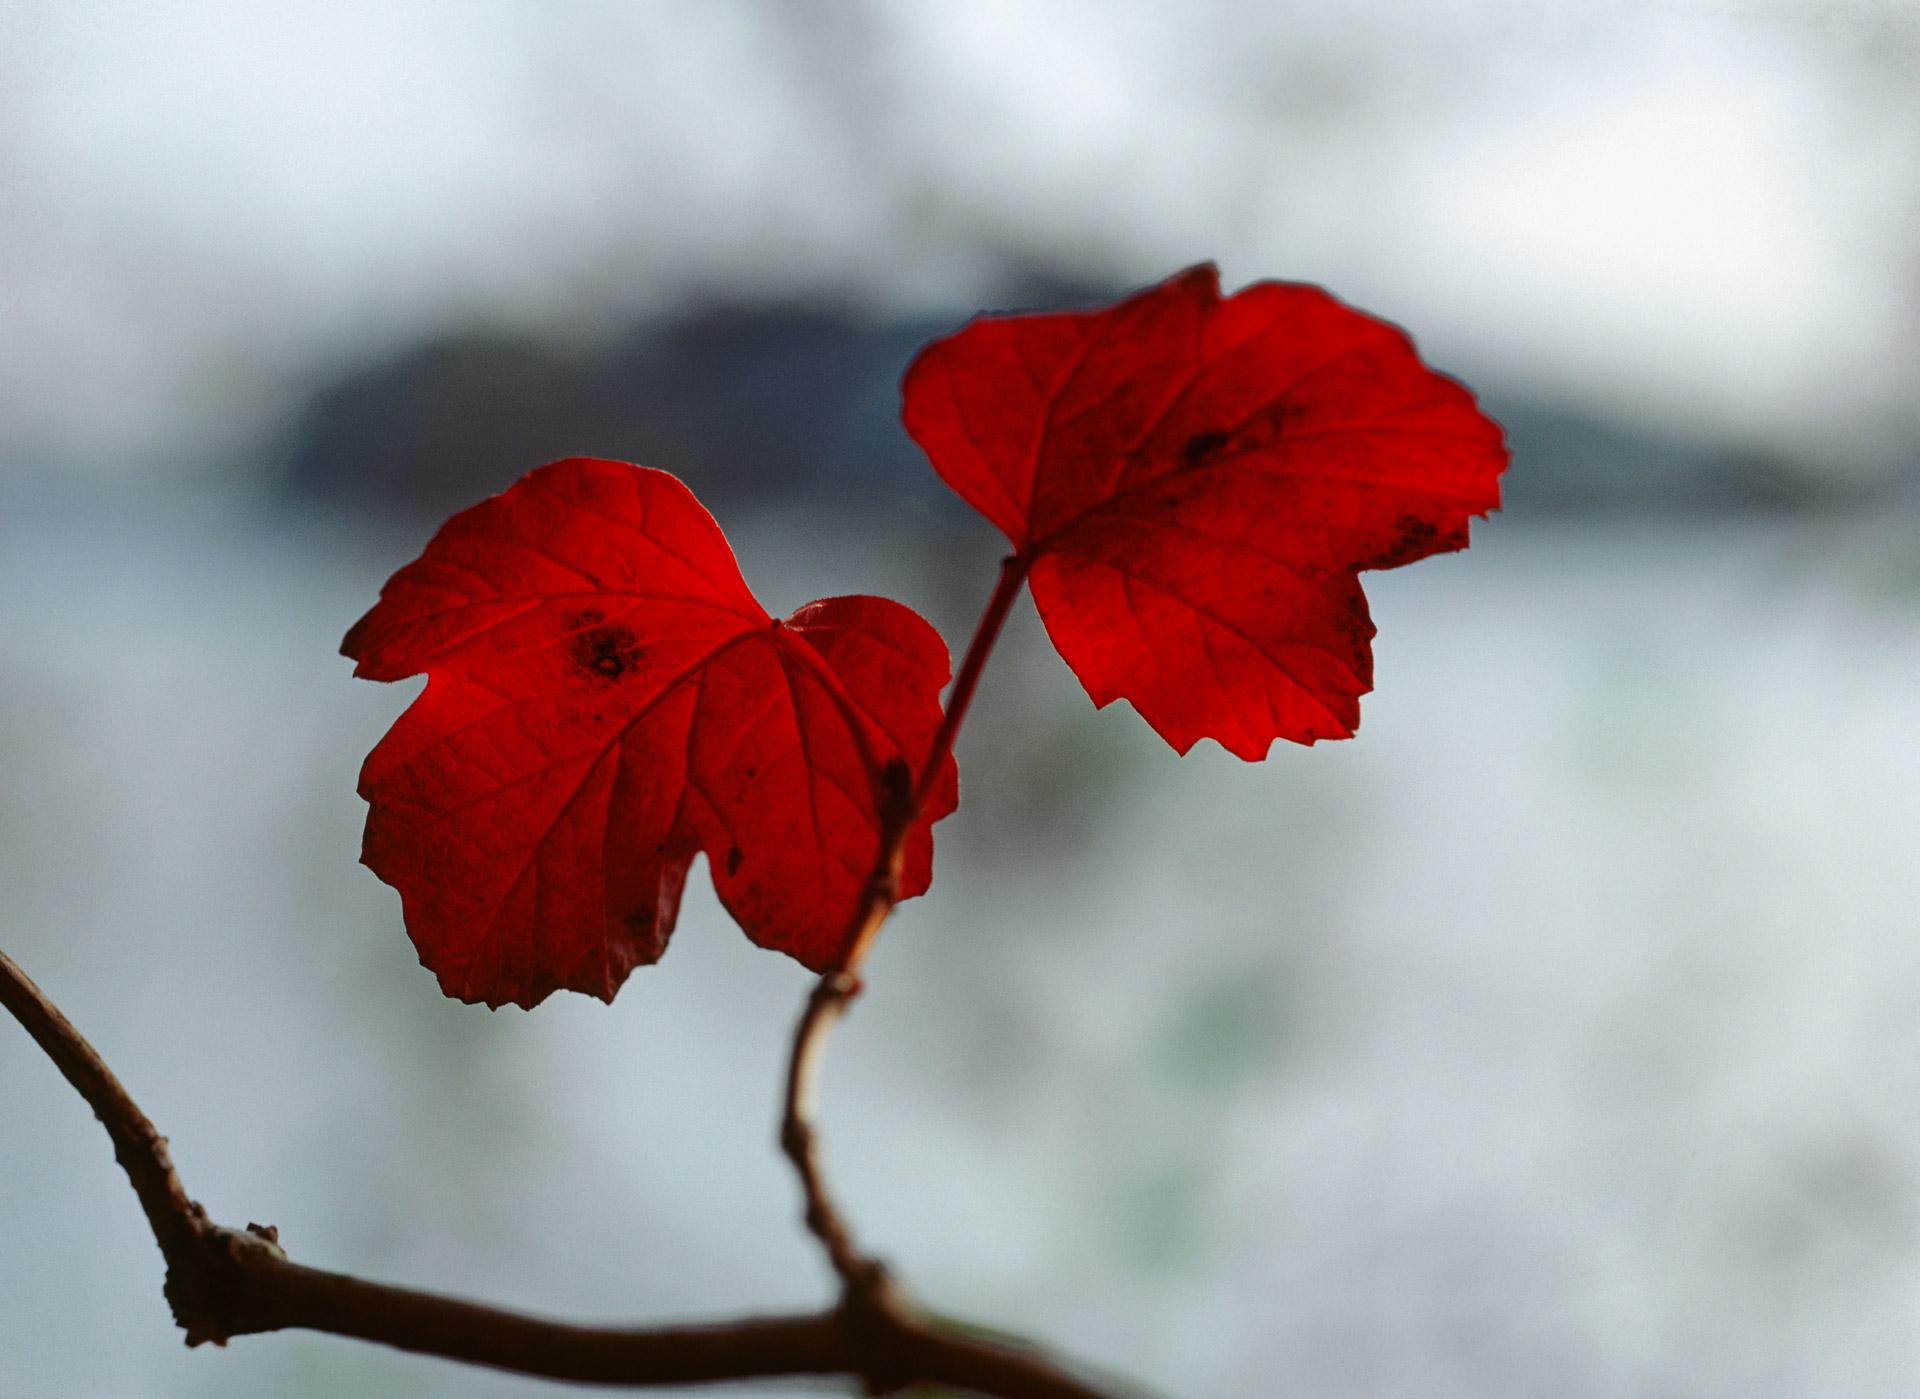 Red maple leaves at Lyngby Sø at Mølleåen